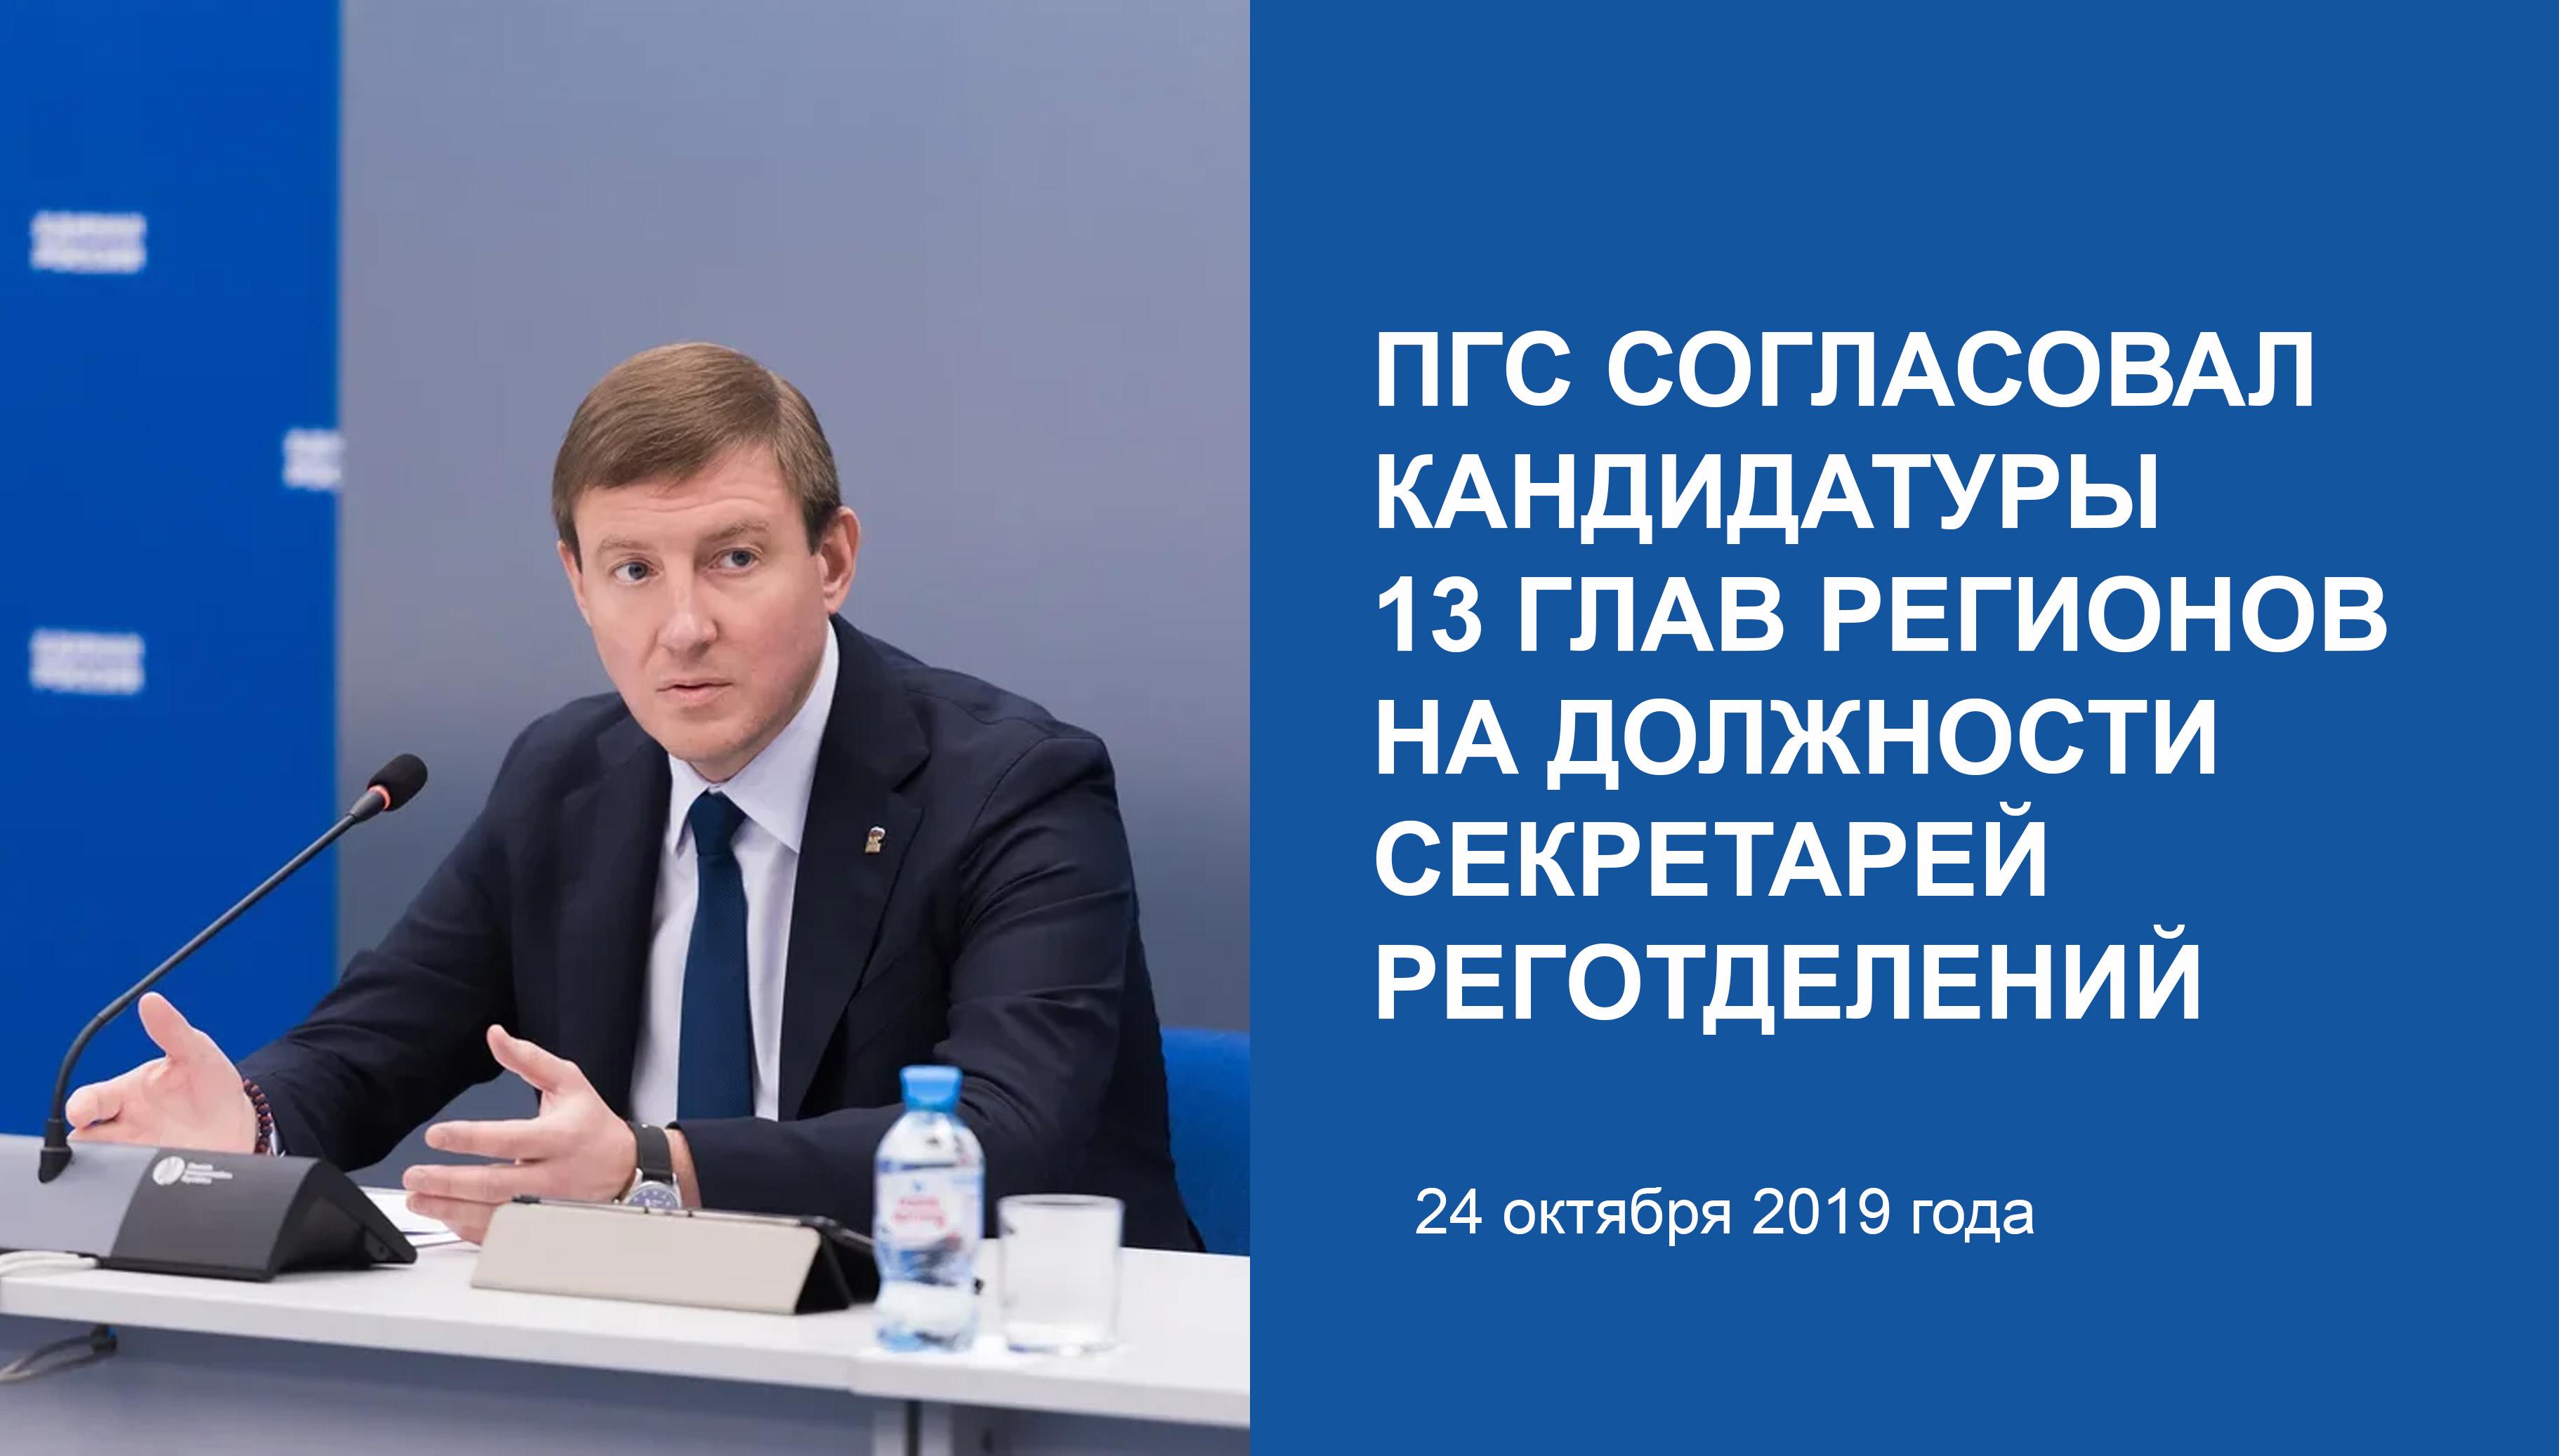 ПГС согласовал кандидатуры 13 глав регионов на должности секретарей реготделений